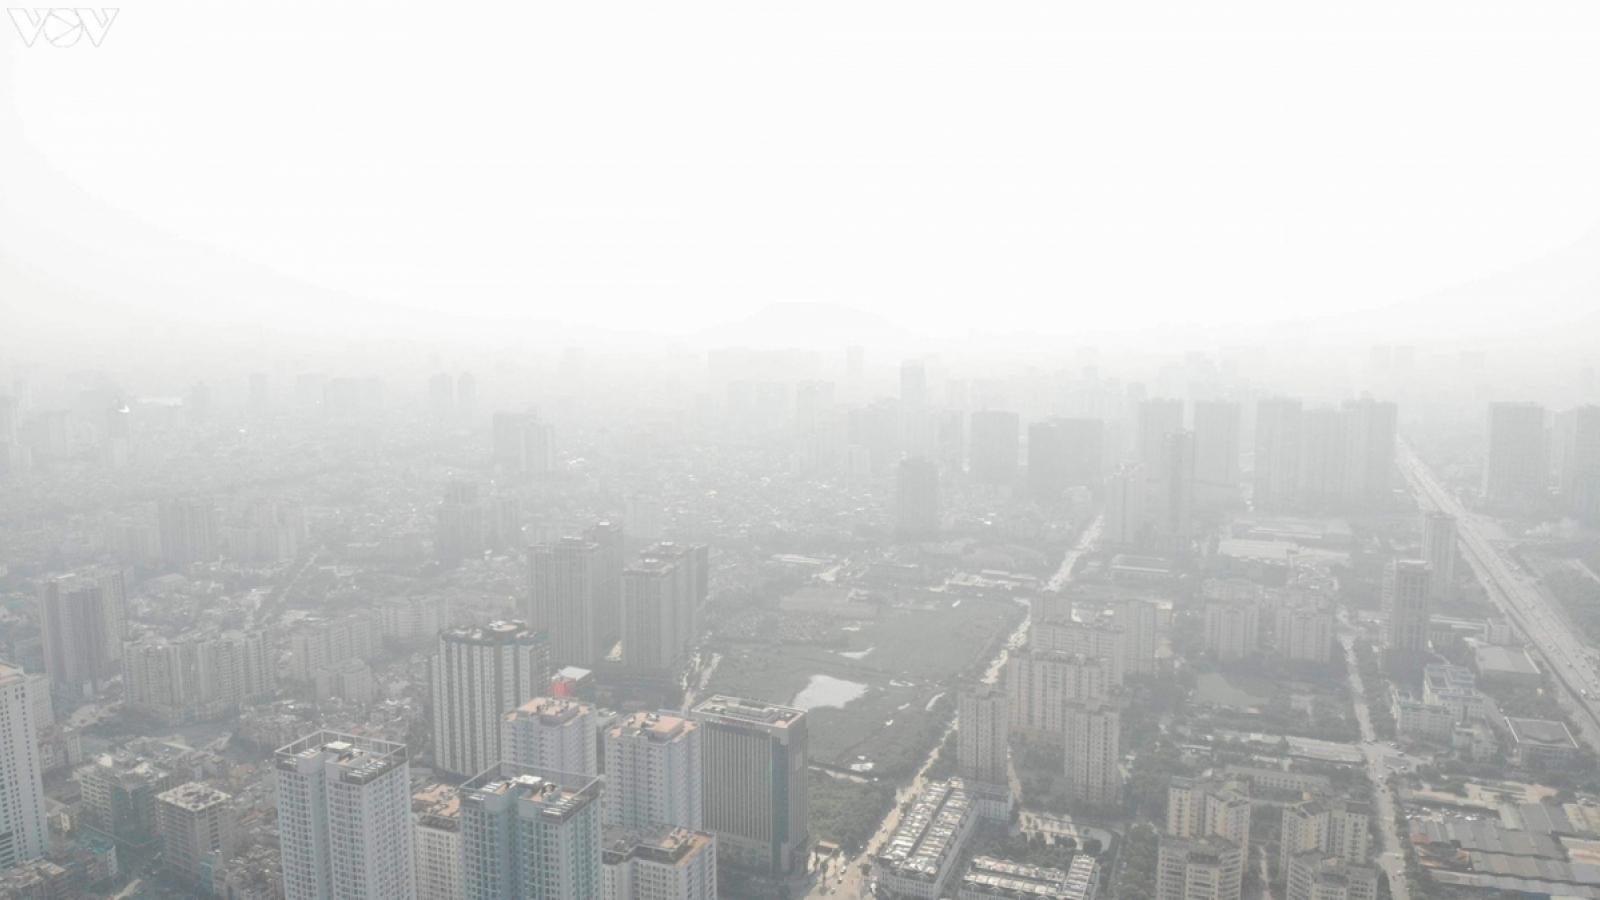 Ô nhiễm không khí cao nhất vào khi nào?